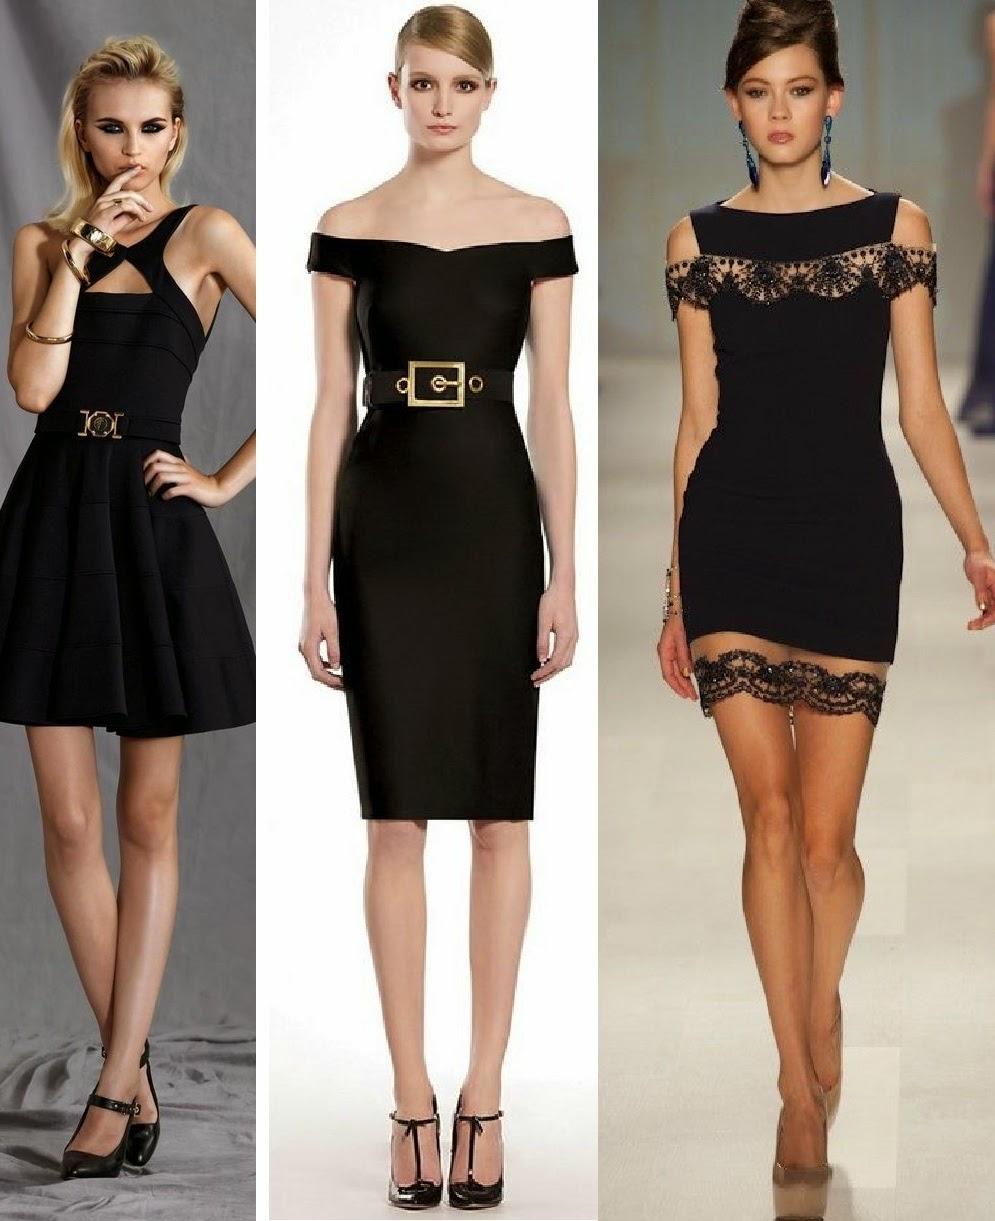 Fotos de vestidos negros para la noche - Fotos de vestidos negros para la noche